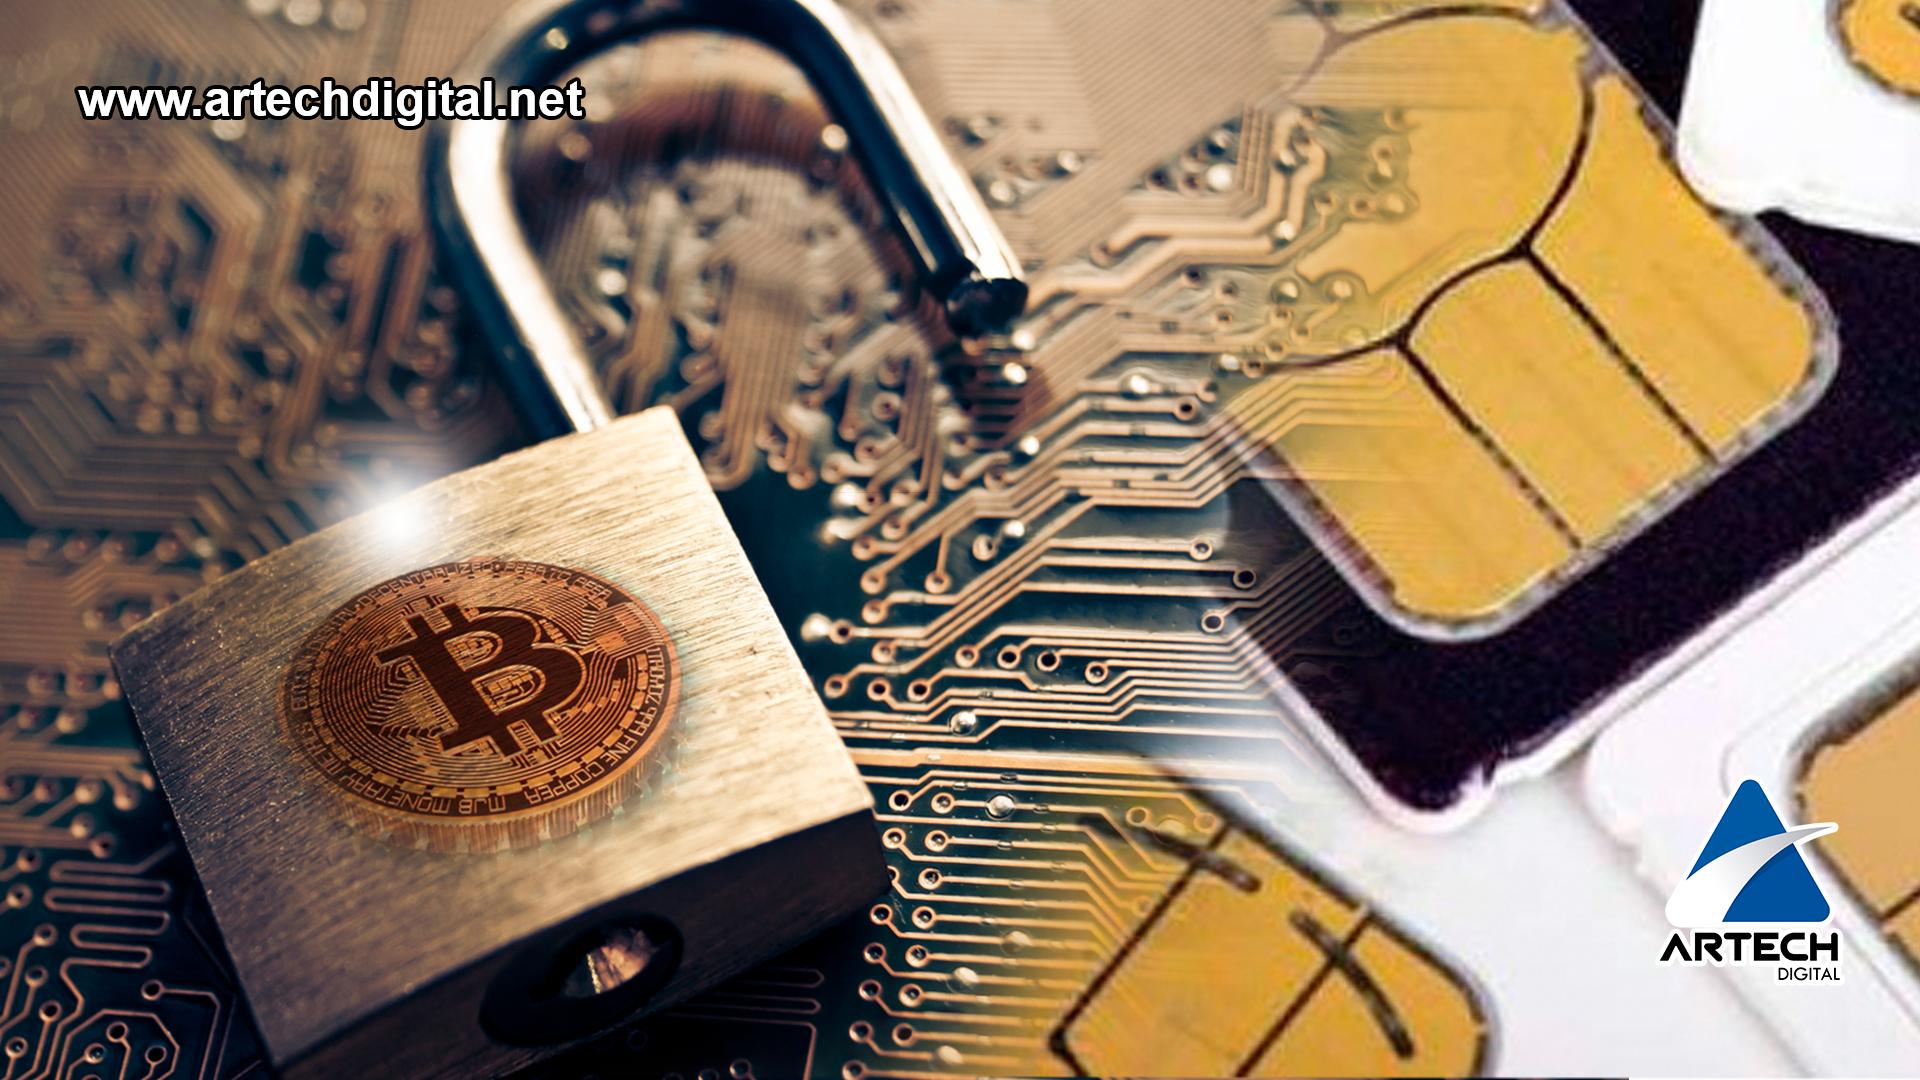 Tarjetas SIM - Robo de Criptomonedas - Artech Digital